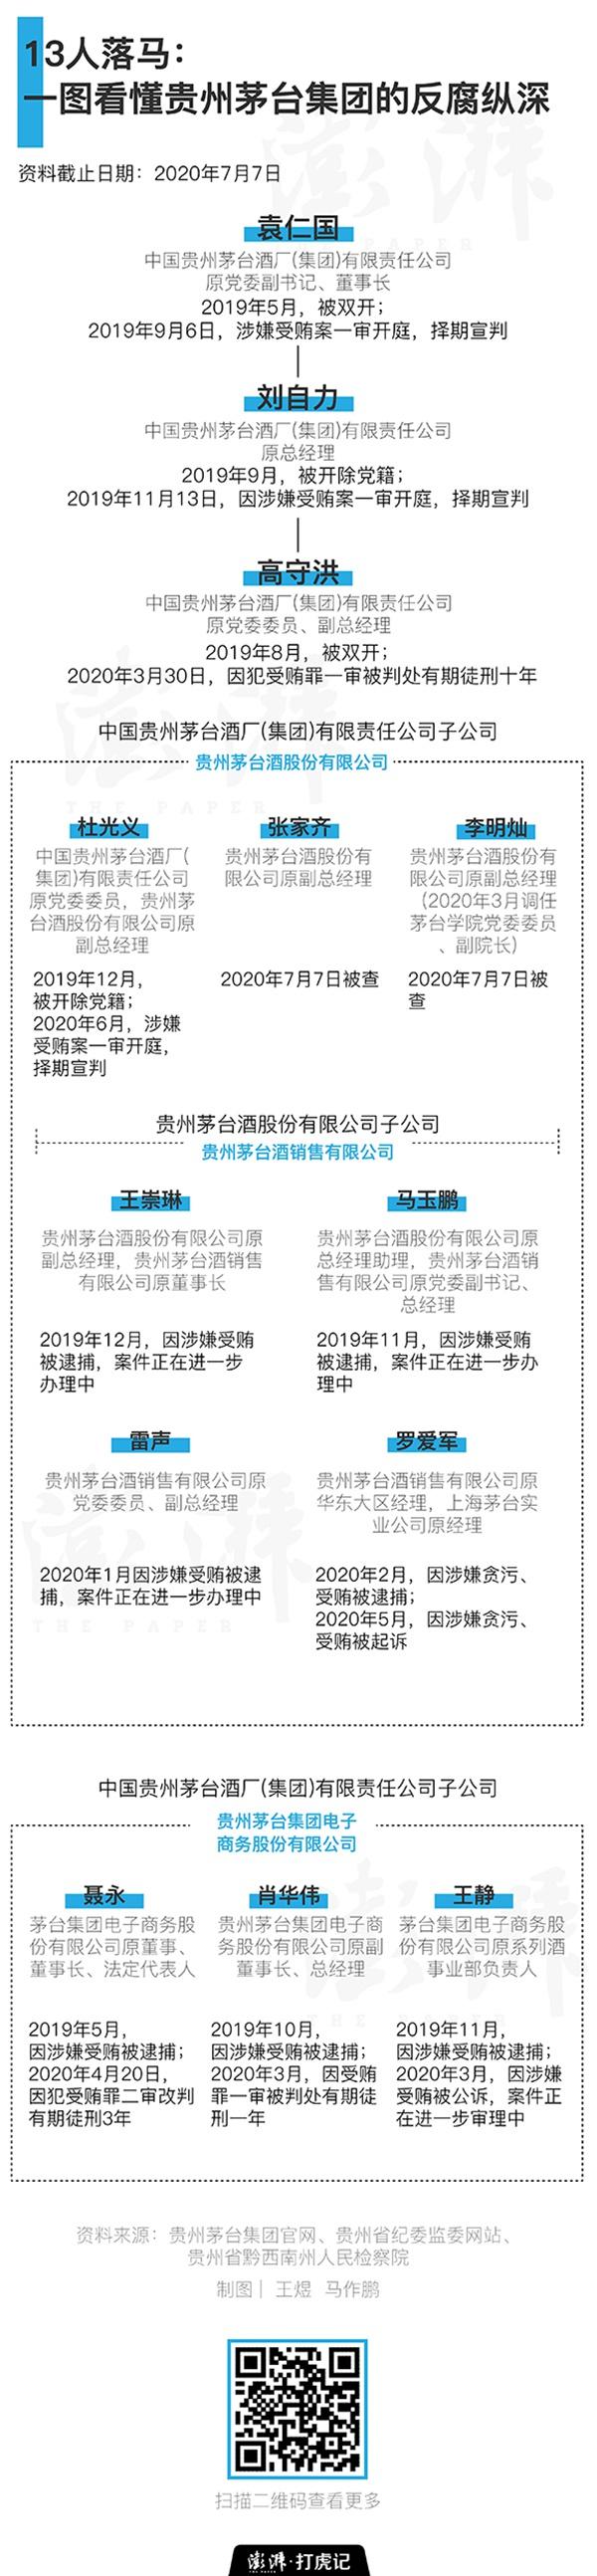 天富13人落马一图看懂贵天富州茅台集团的反腐图片